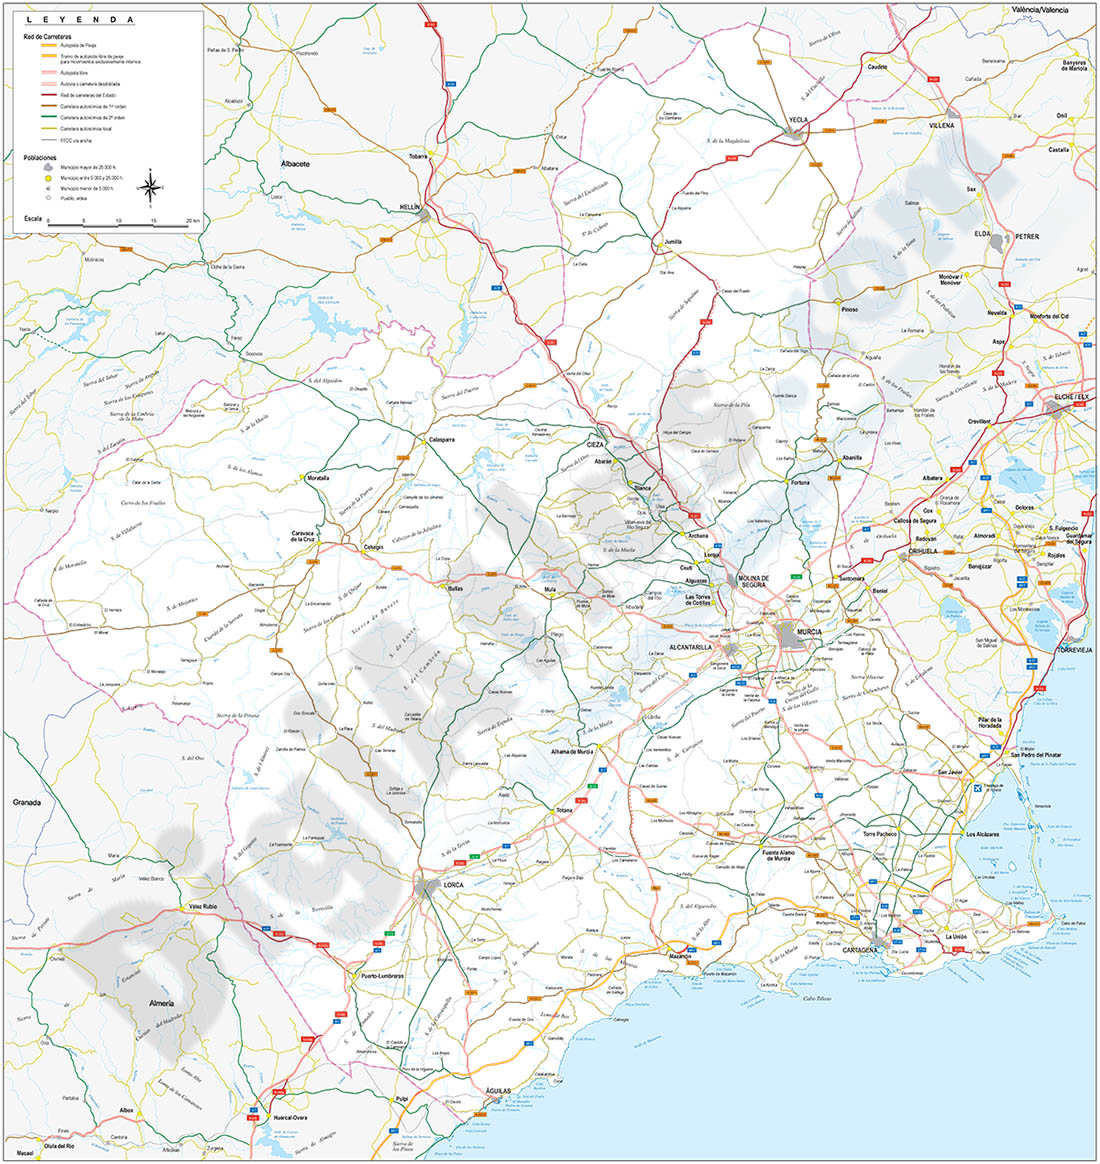 Mapa de la Región de Murcia